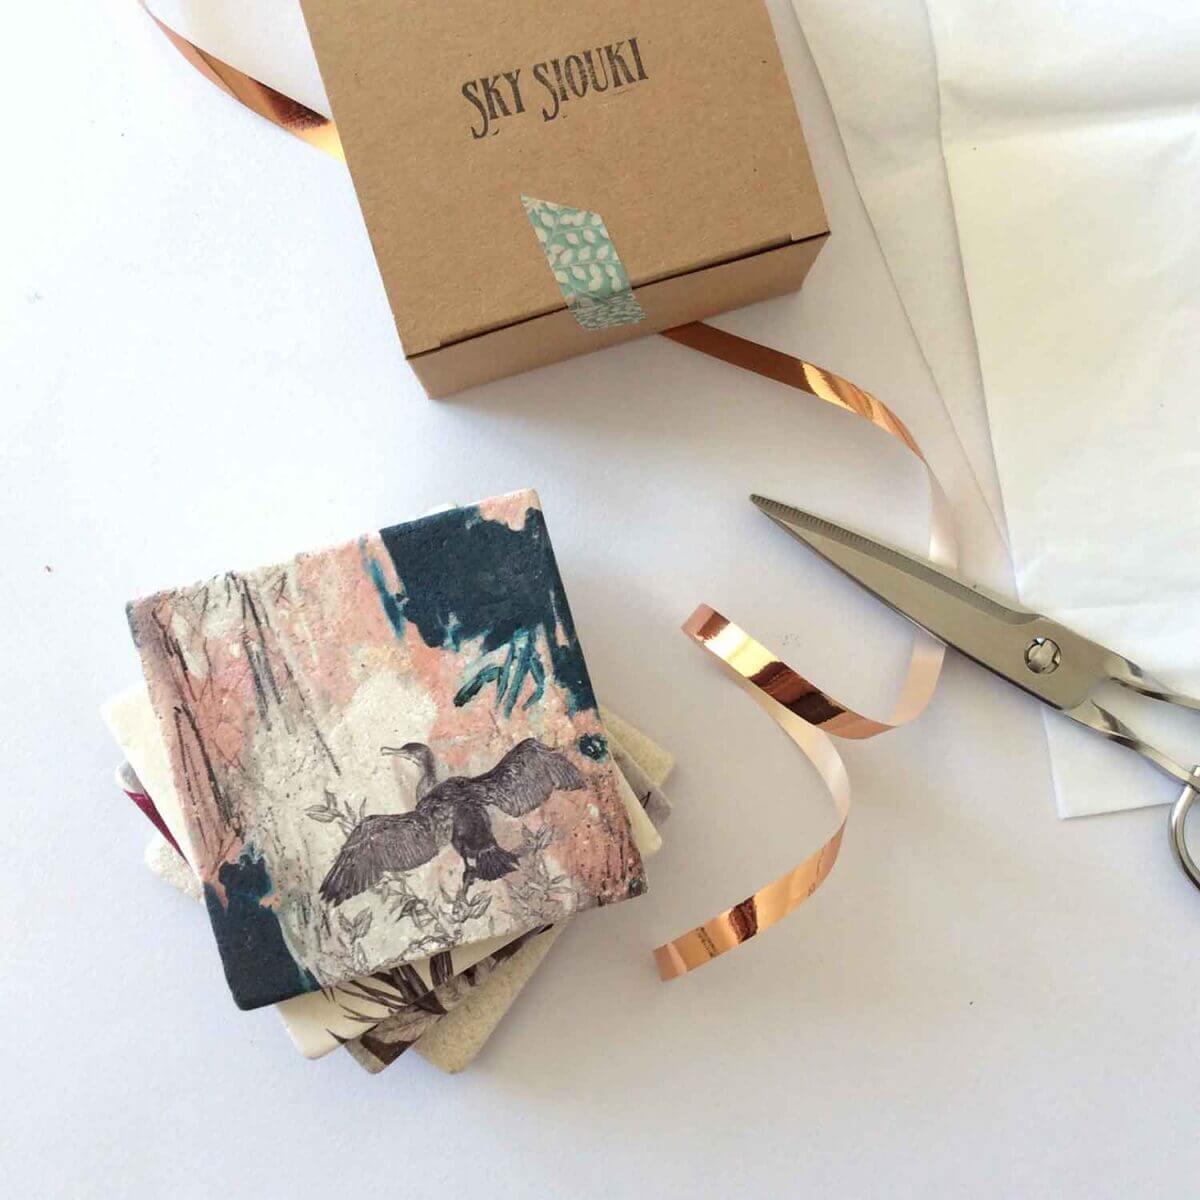 Cormorant-Coaster-Giftbox-Sky-Siouki